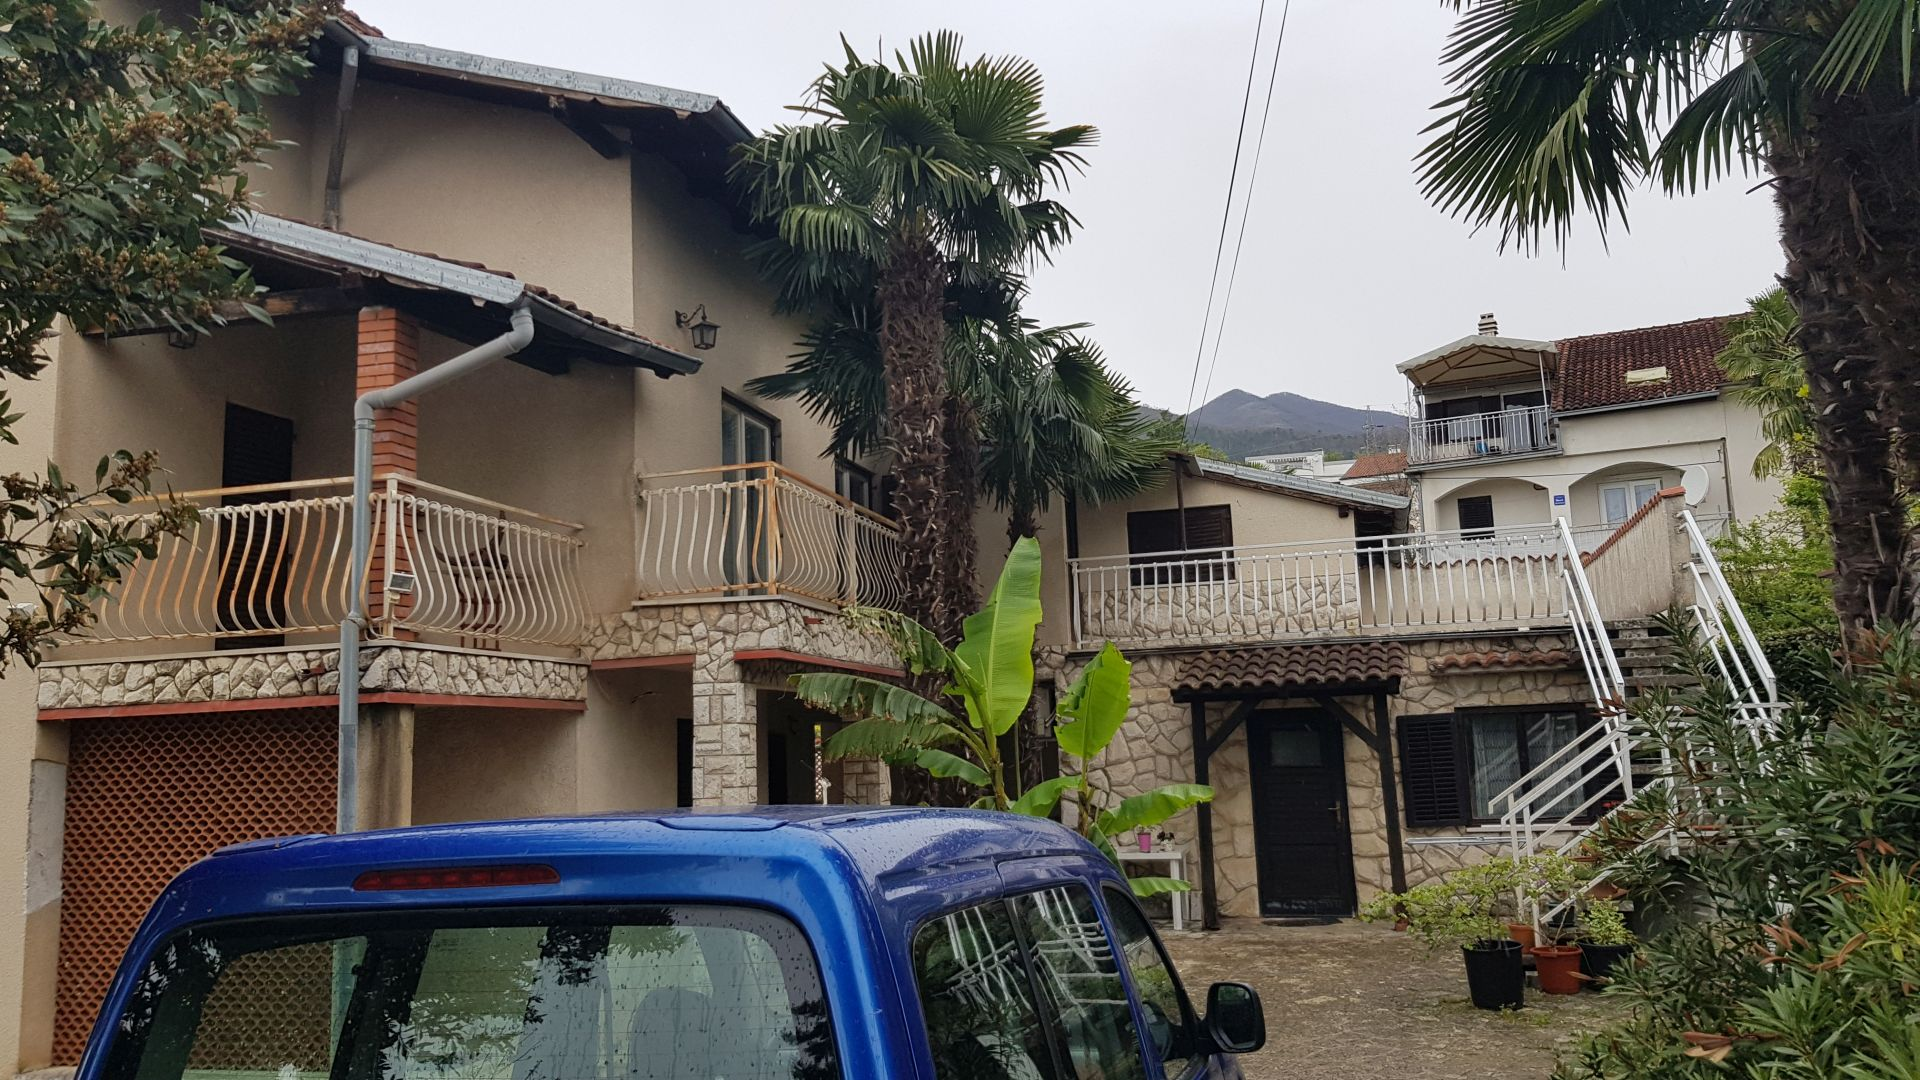 Kuća/House, Ičići, 300m2, vrt/garden 900m2, pogled na more/seaview, 250.000 €